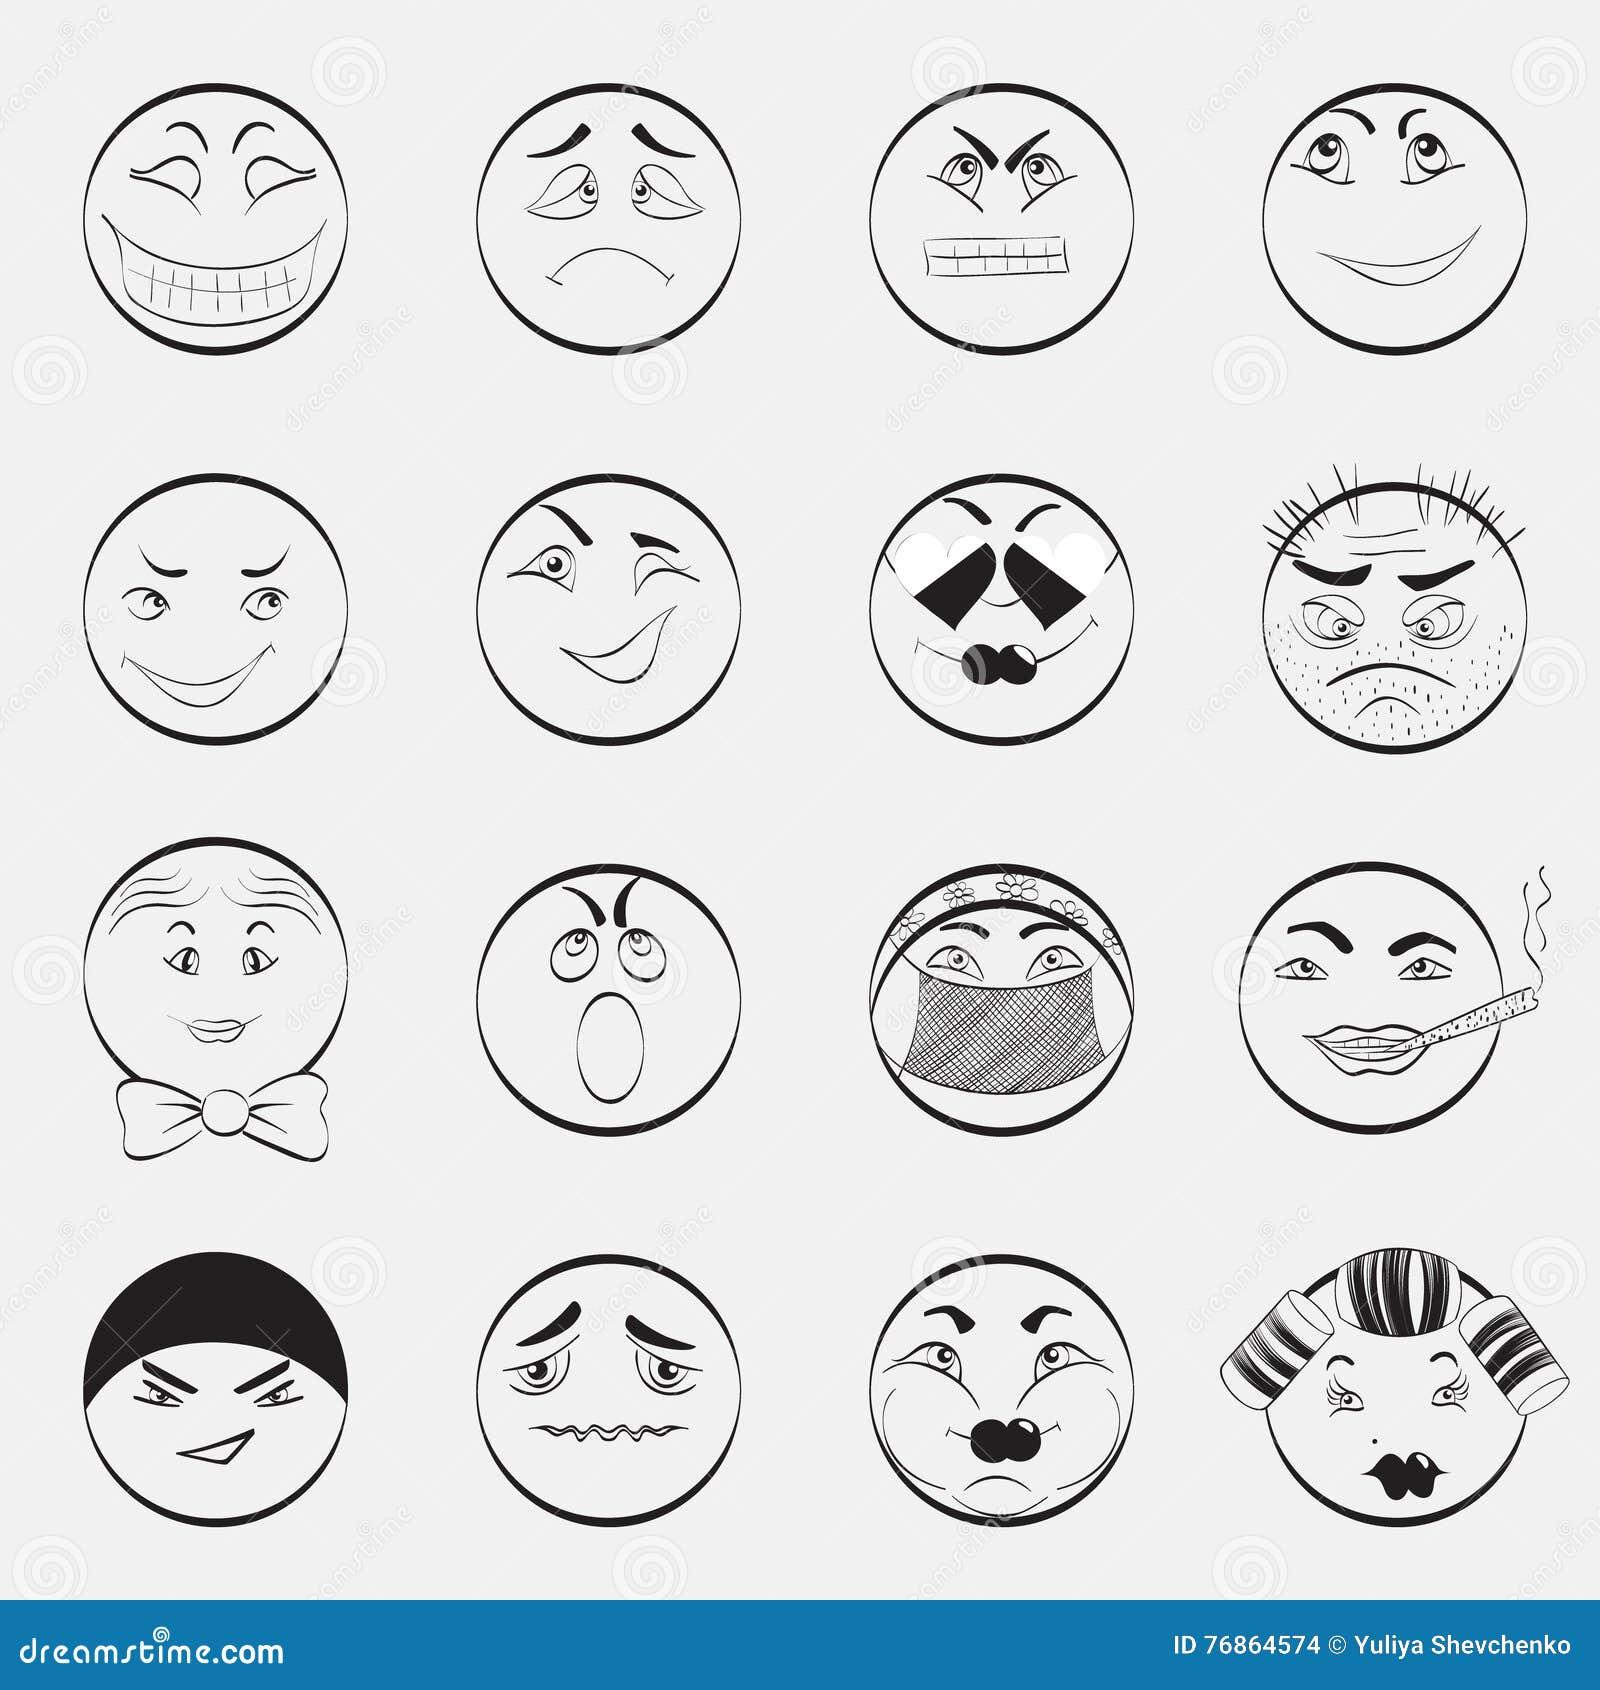 καθορισμένο διάνυσμα απεικόνισης emoticons χρωμάτων εύκολο editable